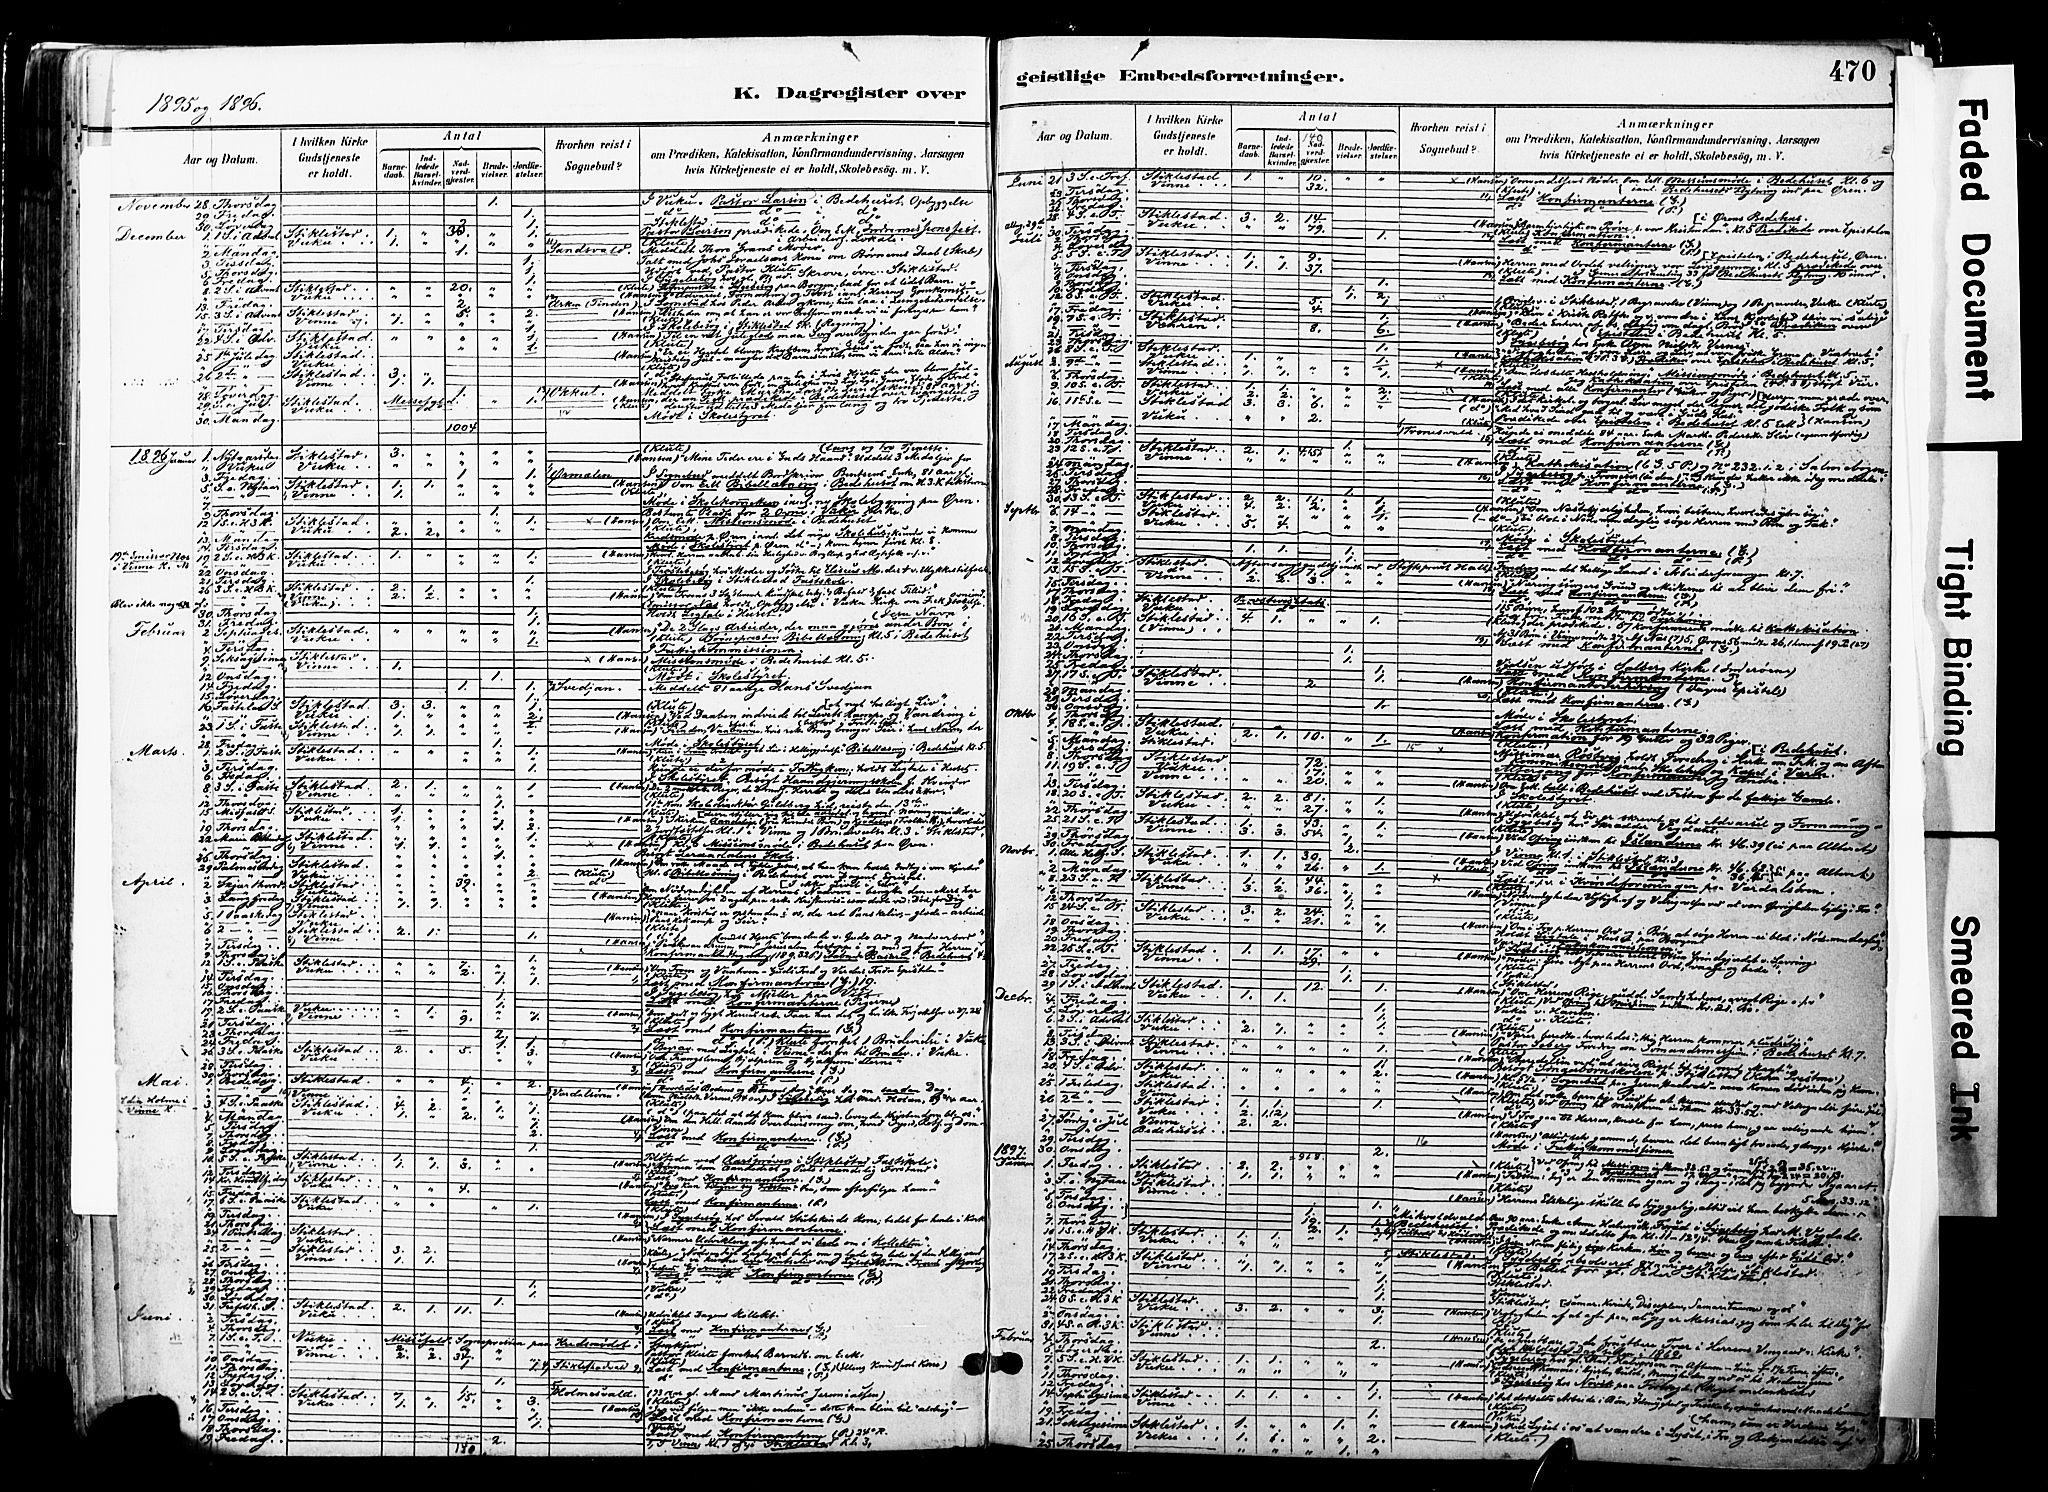 SAT, Ministerialprotokoller, klokkerbøker og fødselsregistre - Nord-Trøndelag, 723/L0244: Ministerialbok nr. 723A13, 1881-1899, s. 470